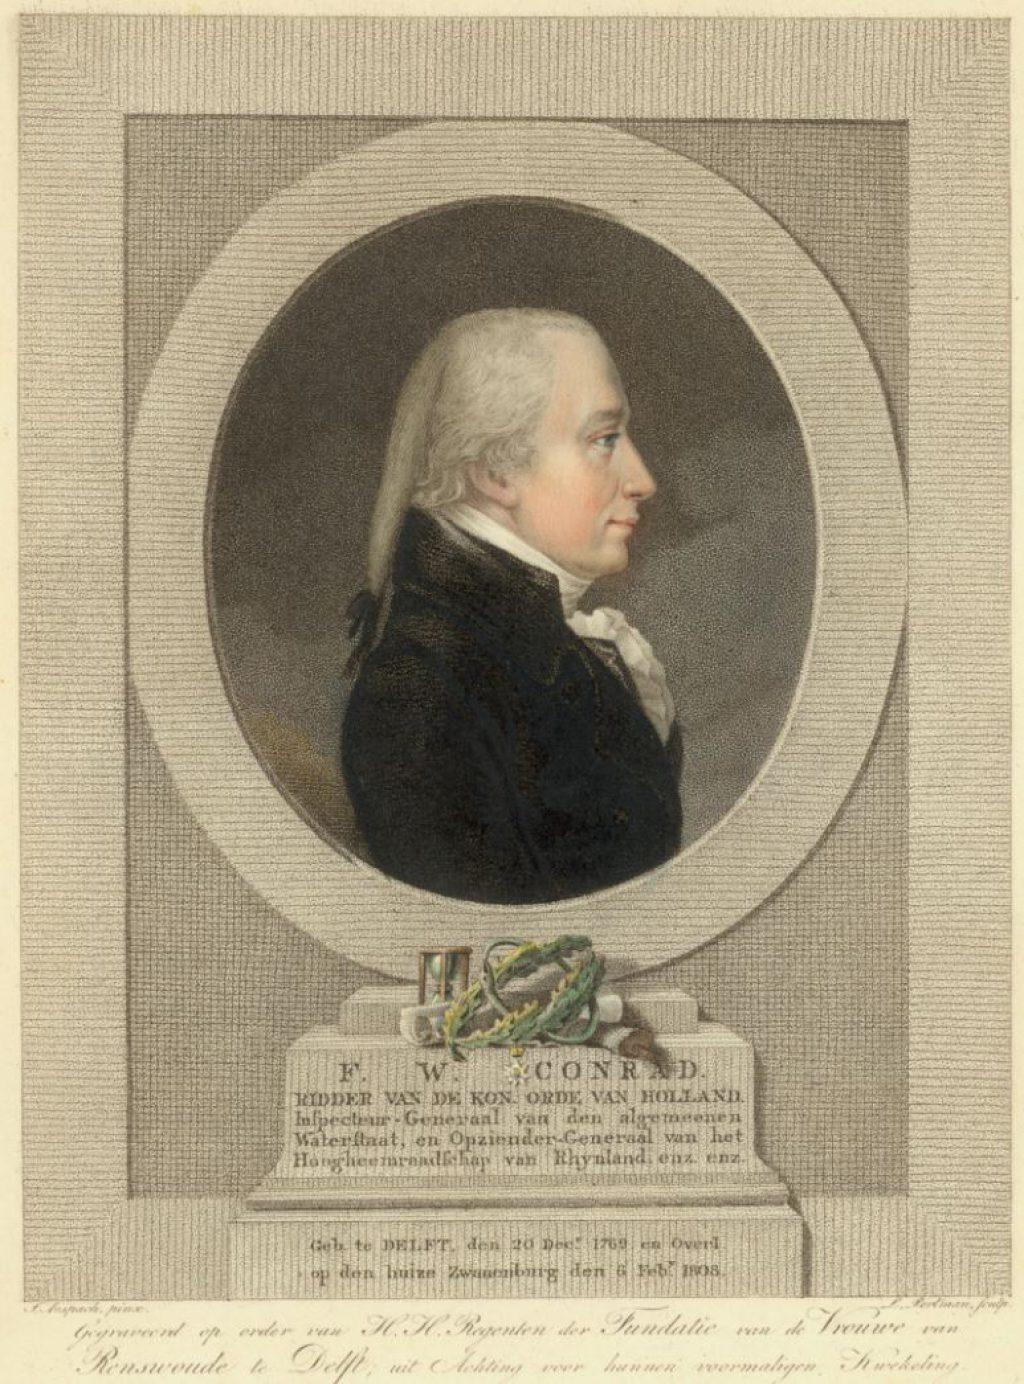 Frederik Willem Conrad (1769-1808). Stippelgravure door Johannes Anspach in opdracht van de regenten van de Fundatie, c. 1808. (TMS 6544)